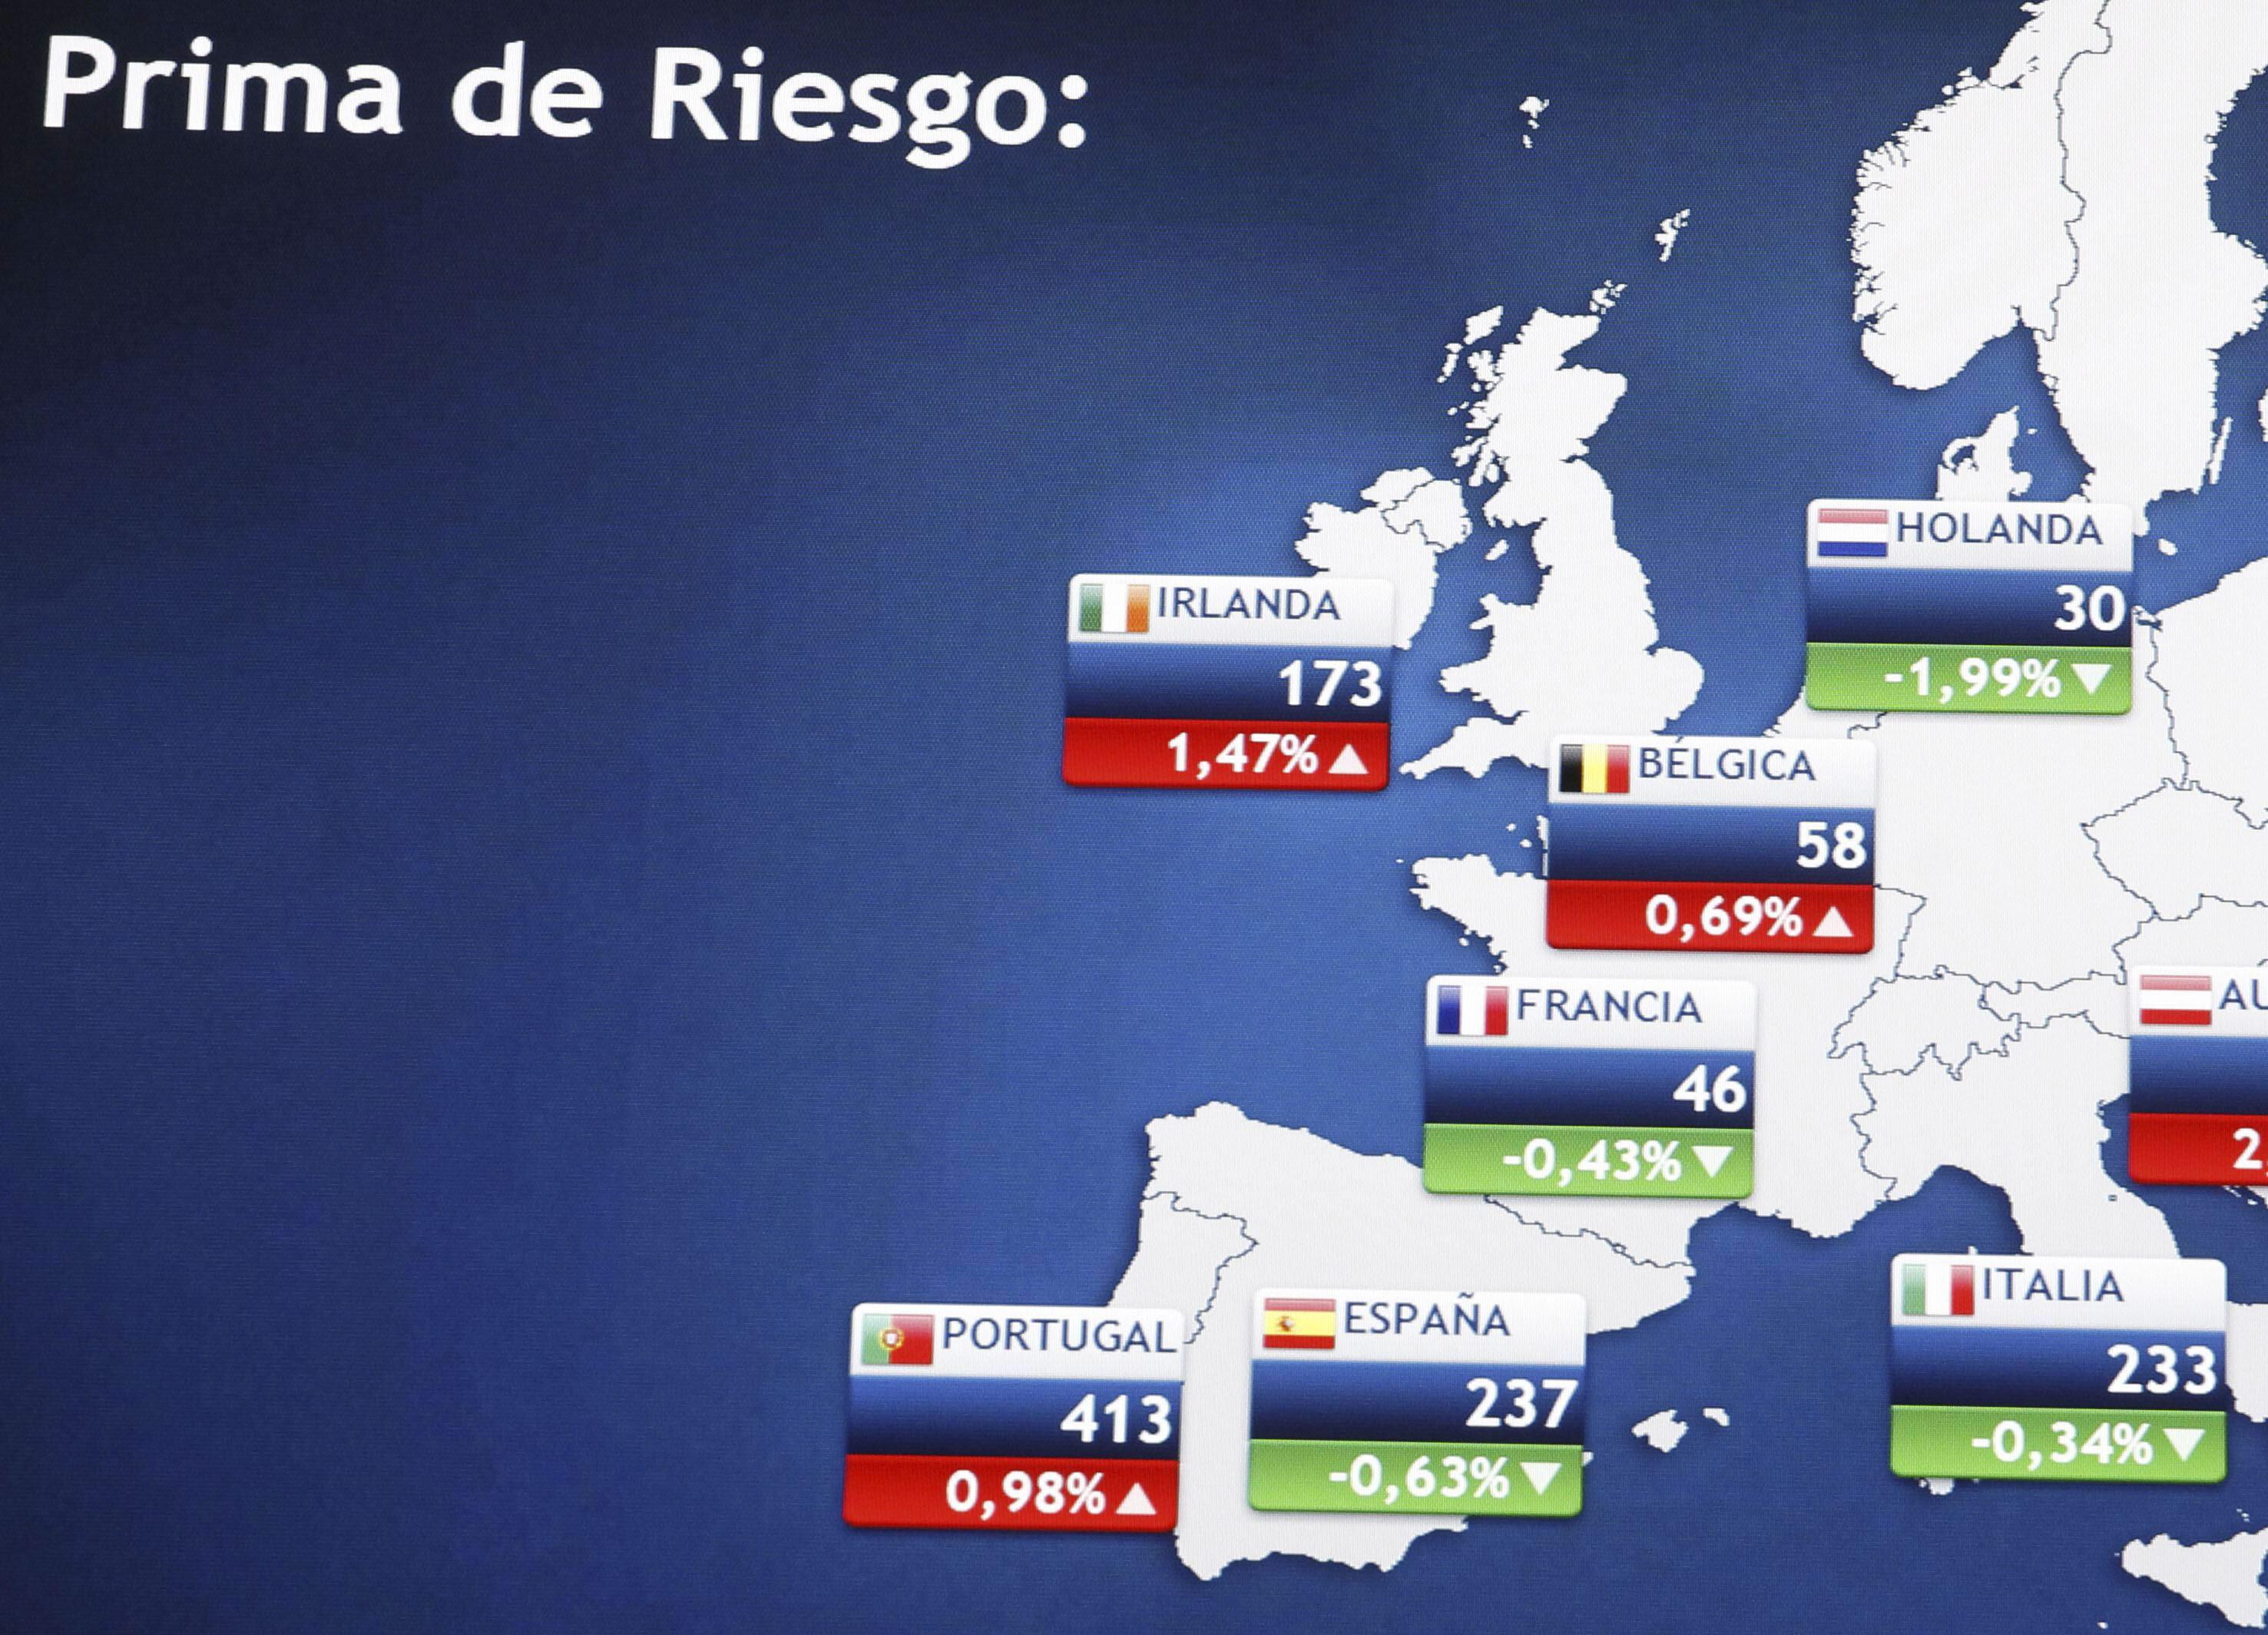 La prima de riesgo de España abre al alza en 235 puntos básicos